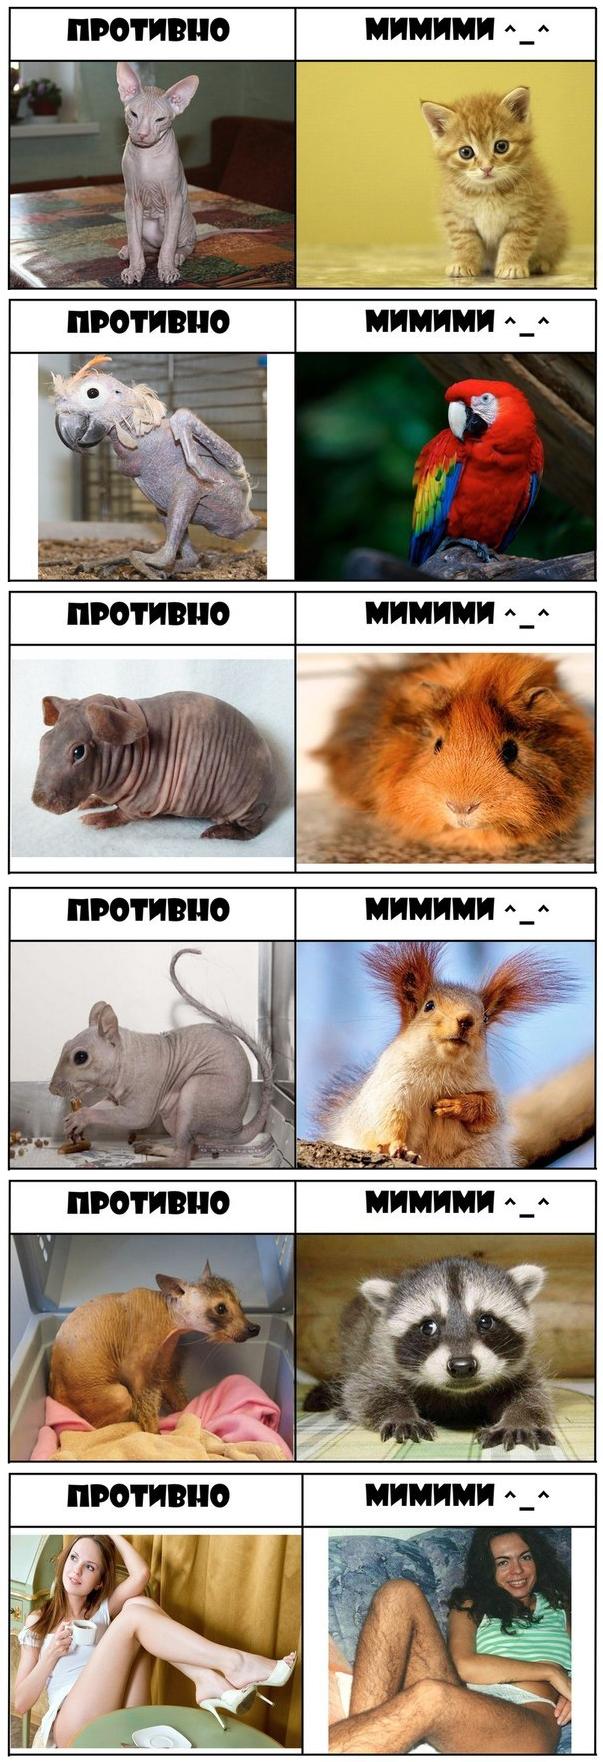 Противно vs Мимими